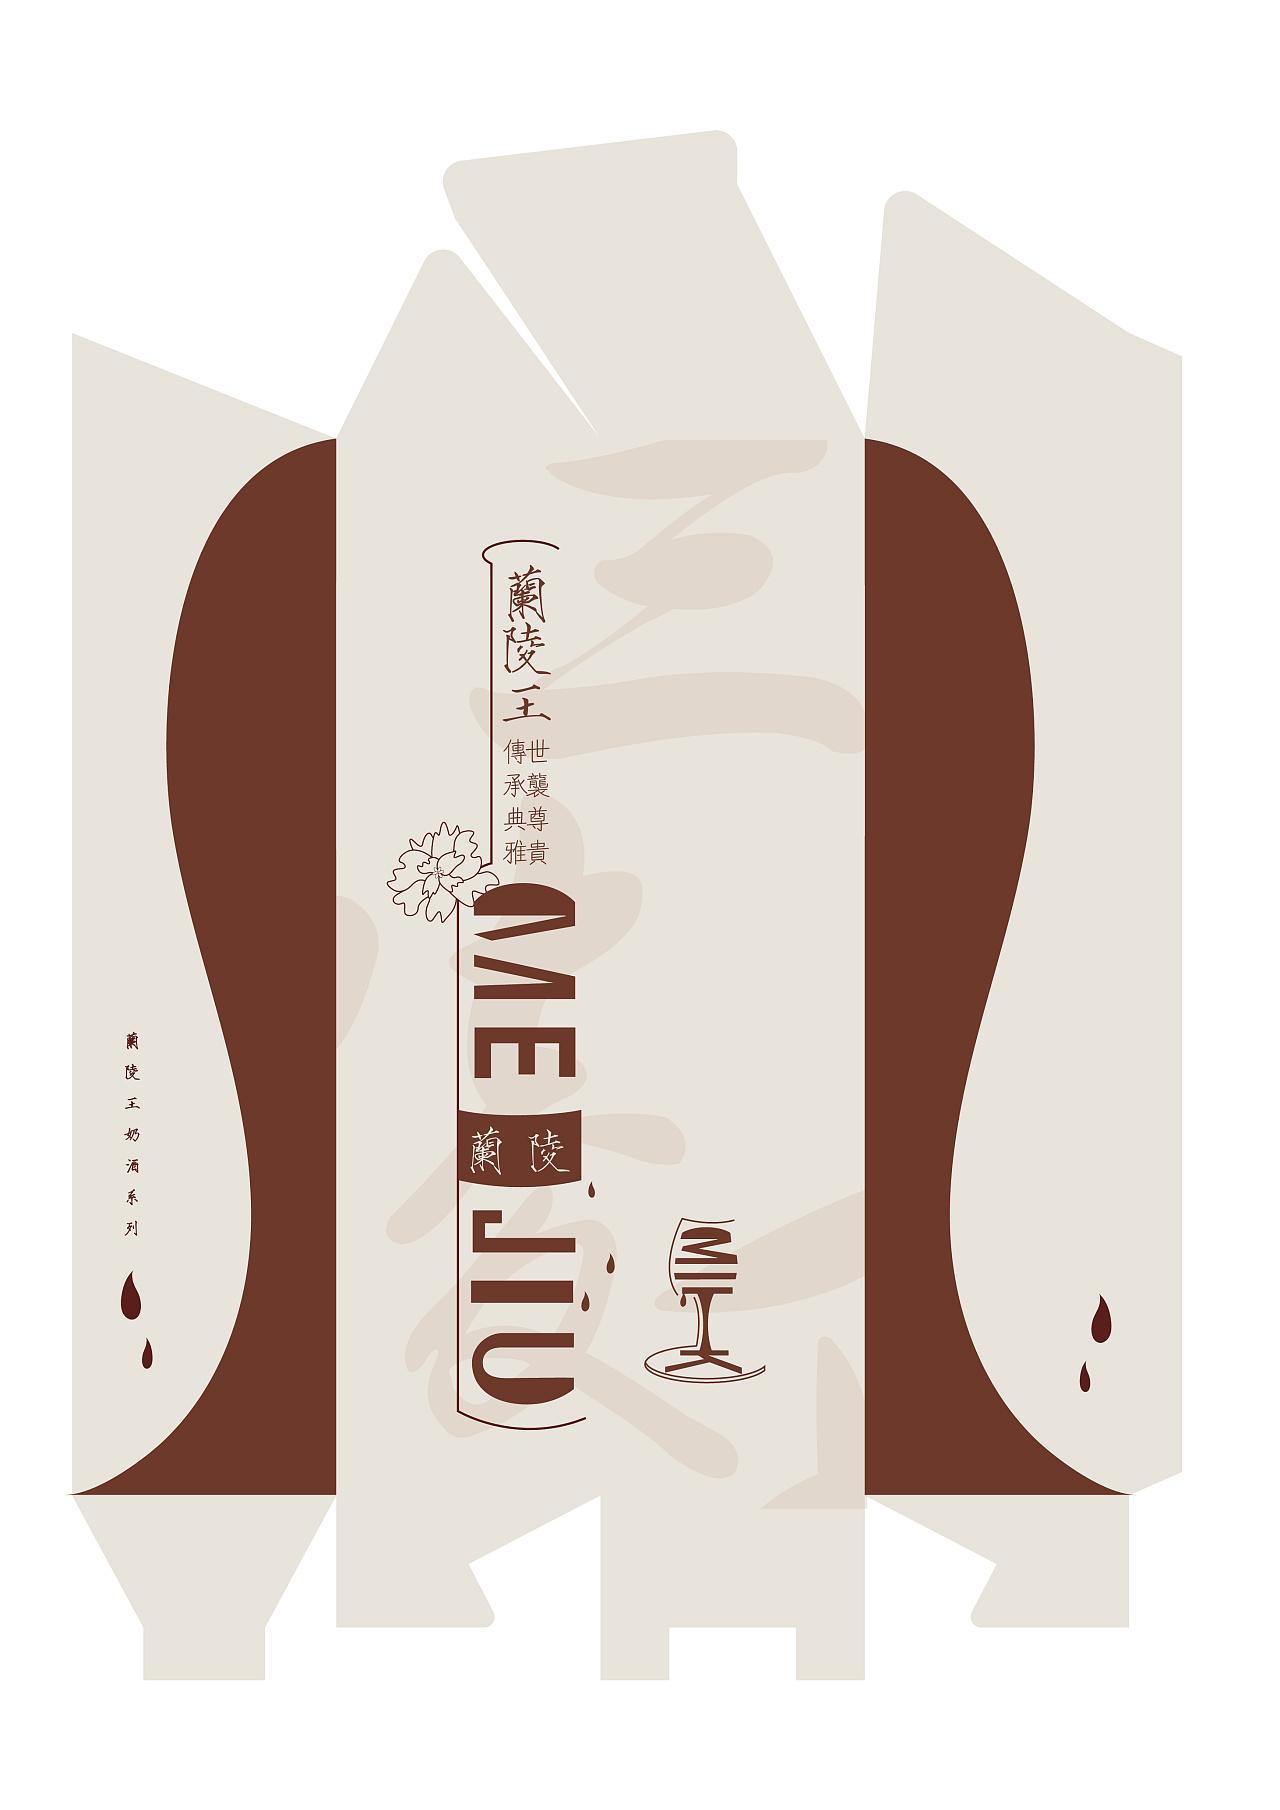 兰陵王折页包装设计及意思v折页平面设计的美酒是什么价值图片